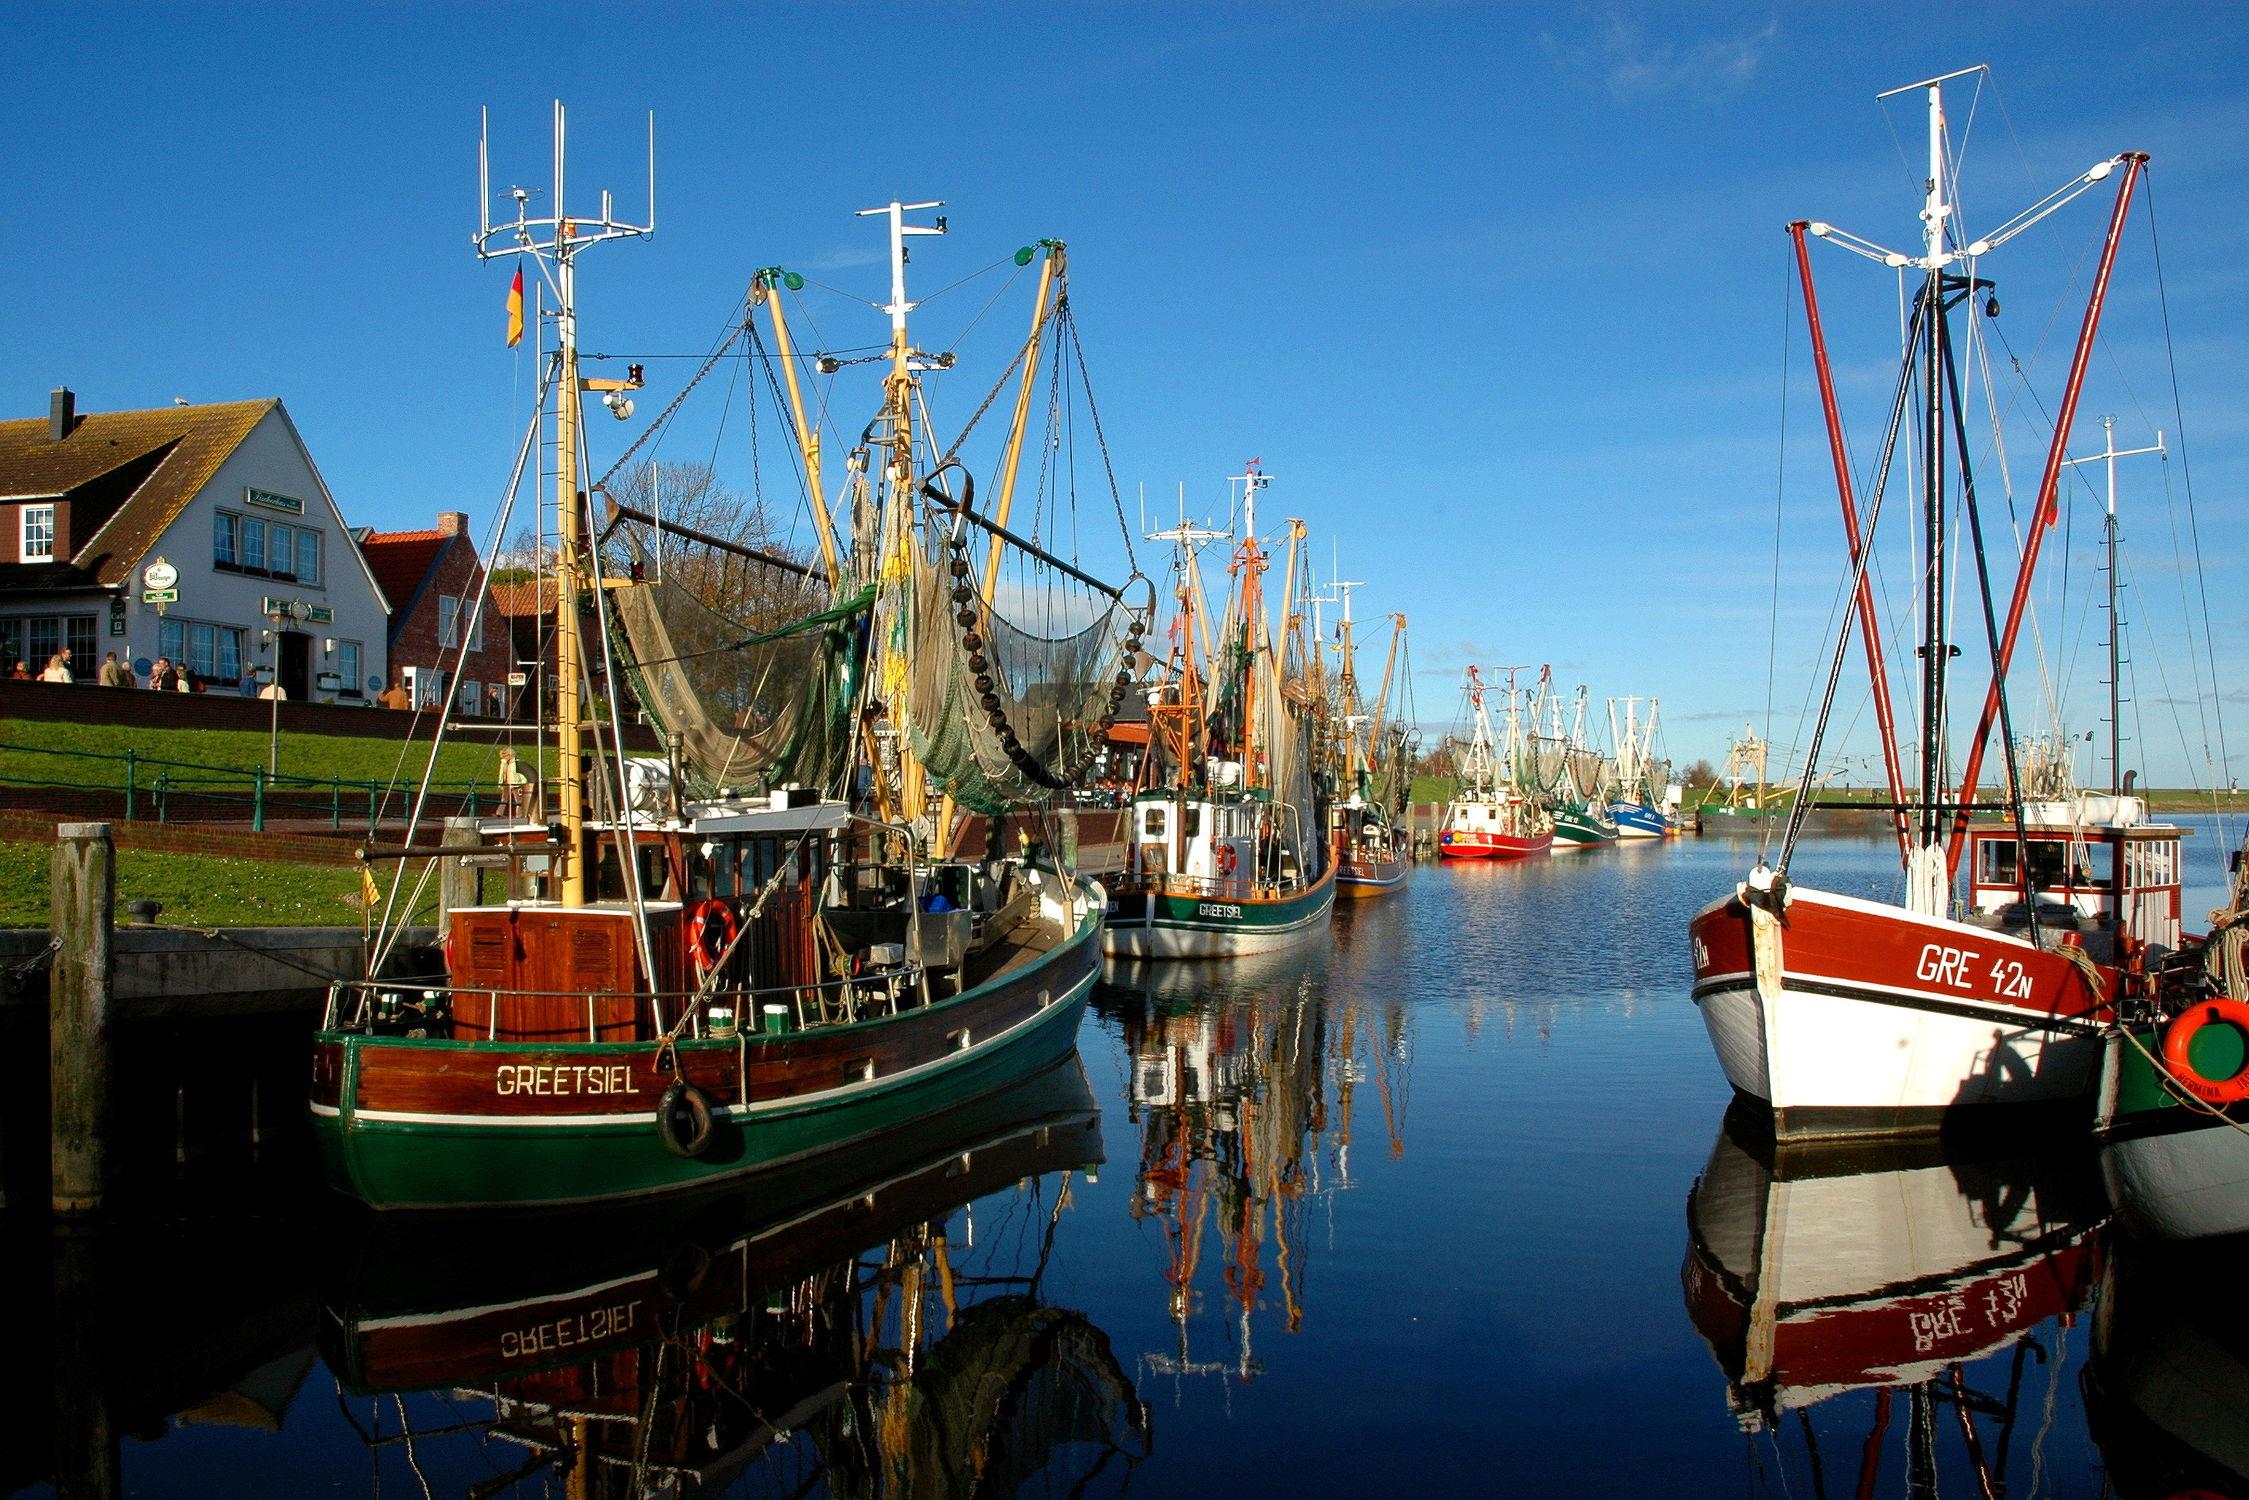 Bild mit Gewässer, Schiffe, Häfen, Häfen, Meer, Krabbenkutter, Netze, Abendstimmung, Krummhörn, Greetsiel, Binnenhafen, Deiche, Mole